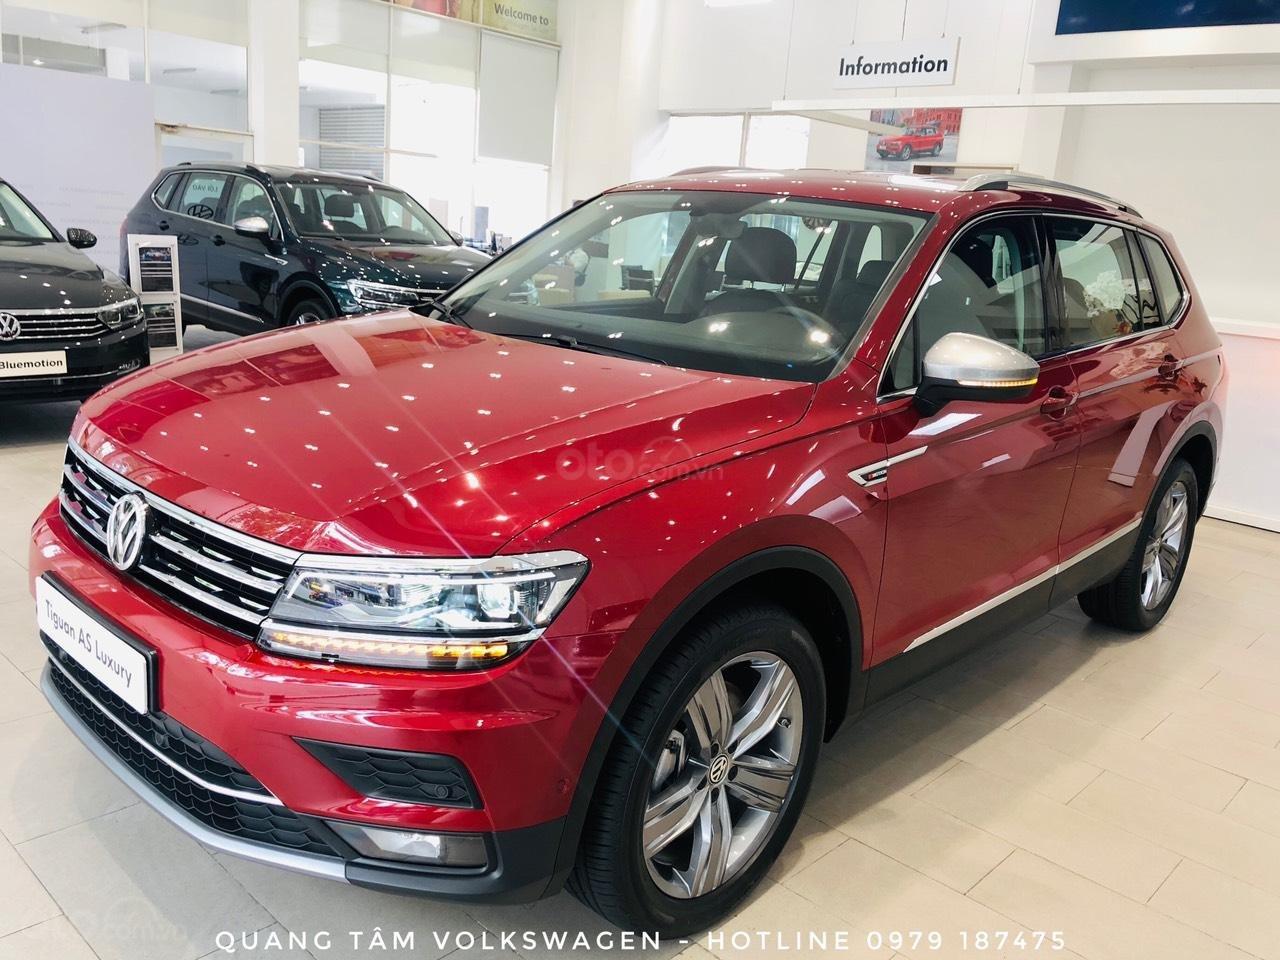 Volkswagen Tiguan Luxury đỏ ruby may mắn, ưu đãi khủng + giao ngay (1)